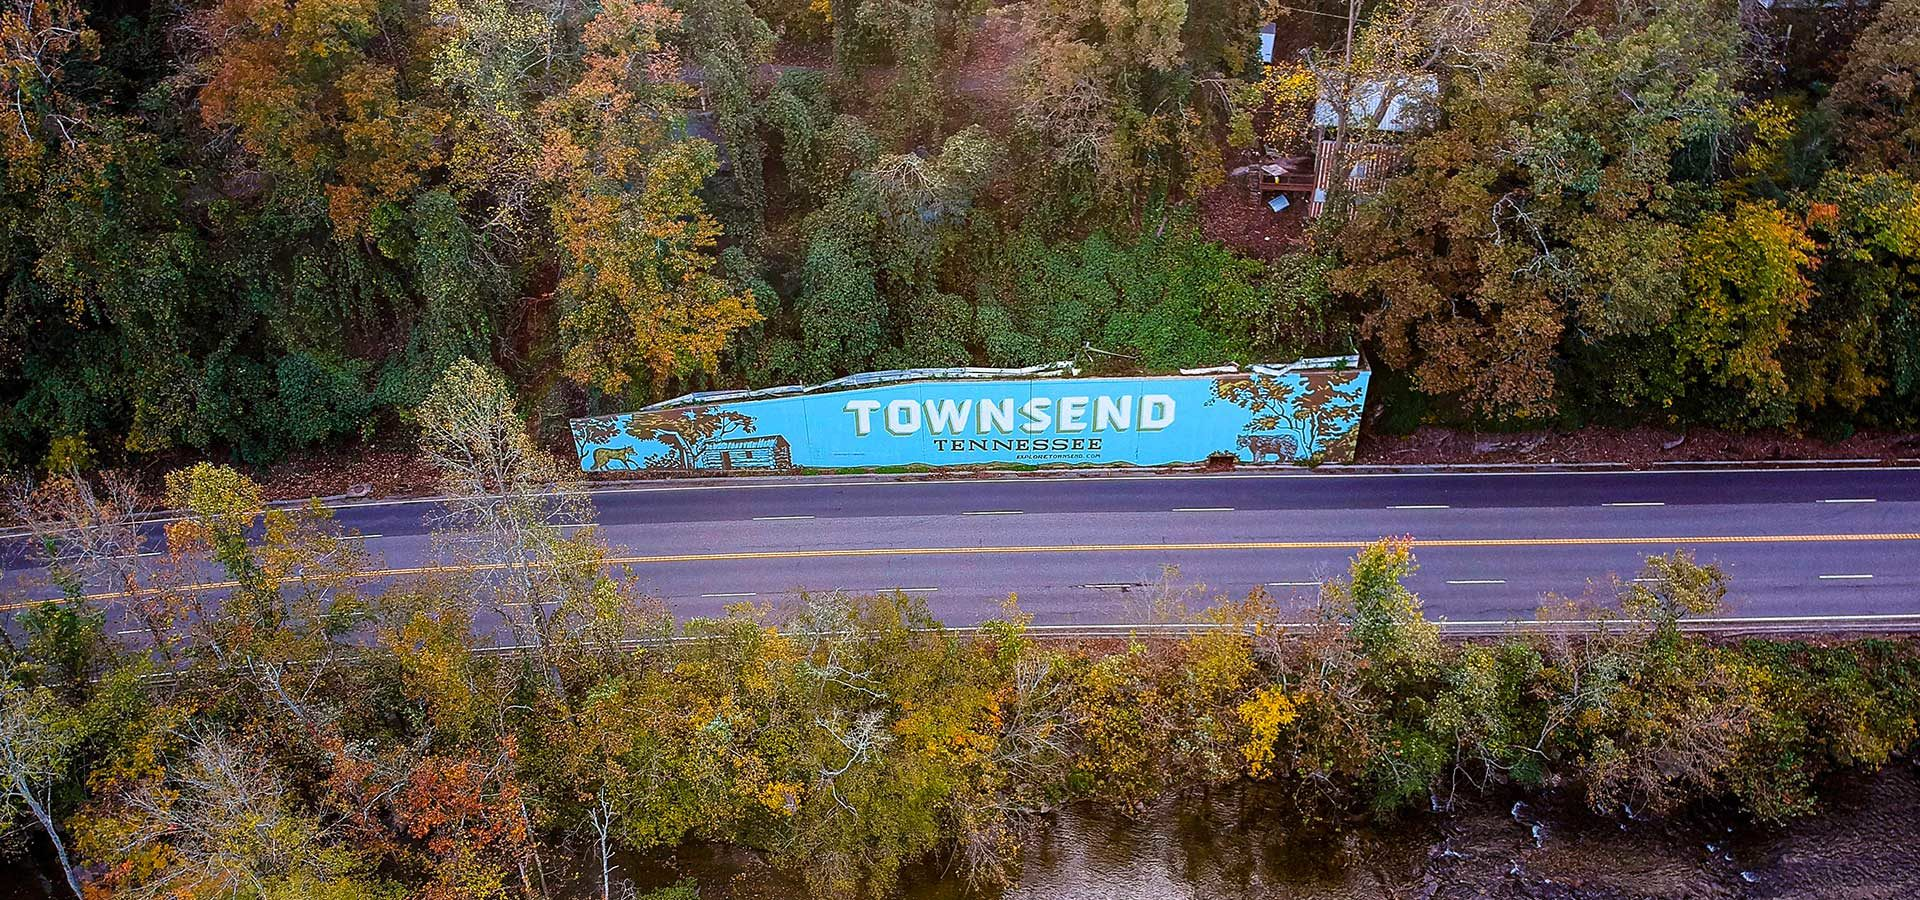 Townsend, TN Mural